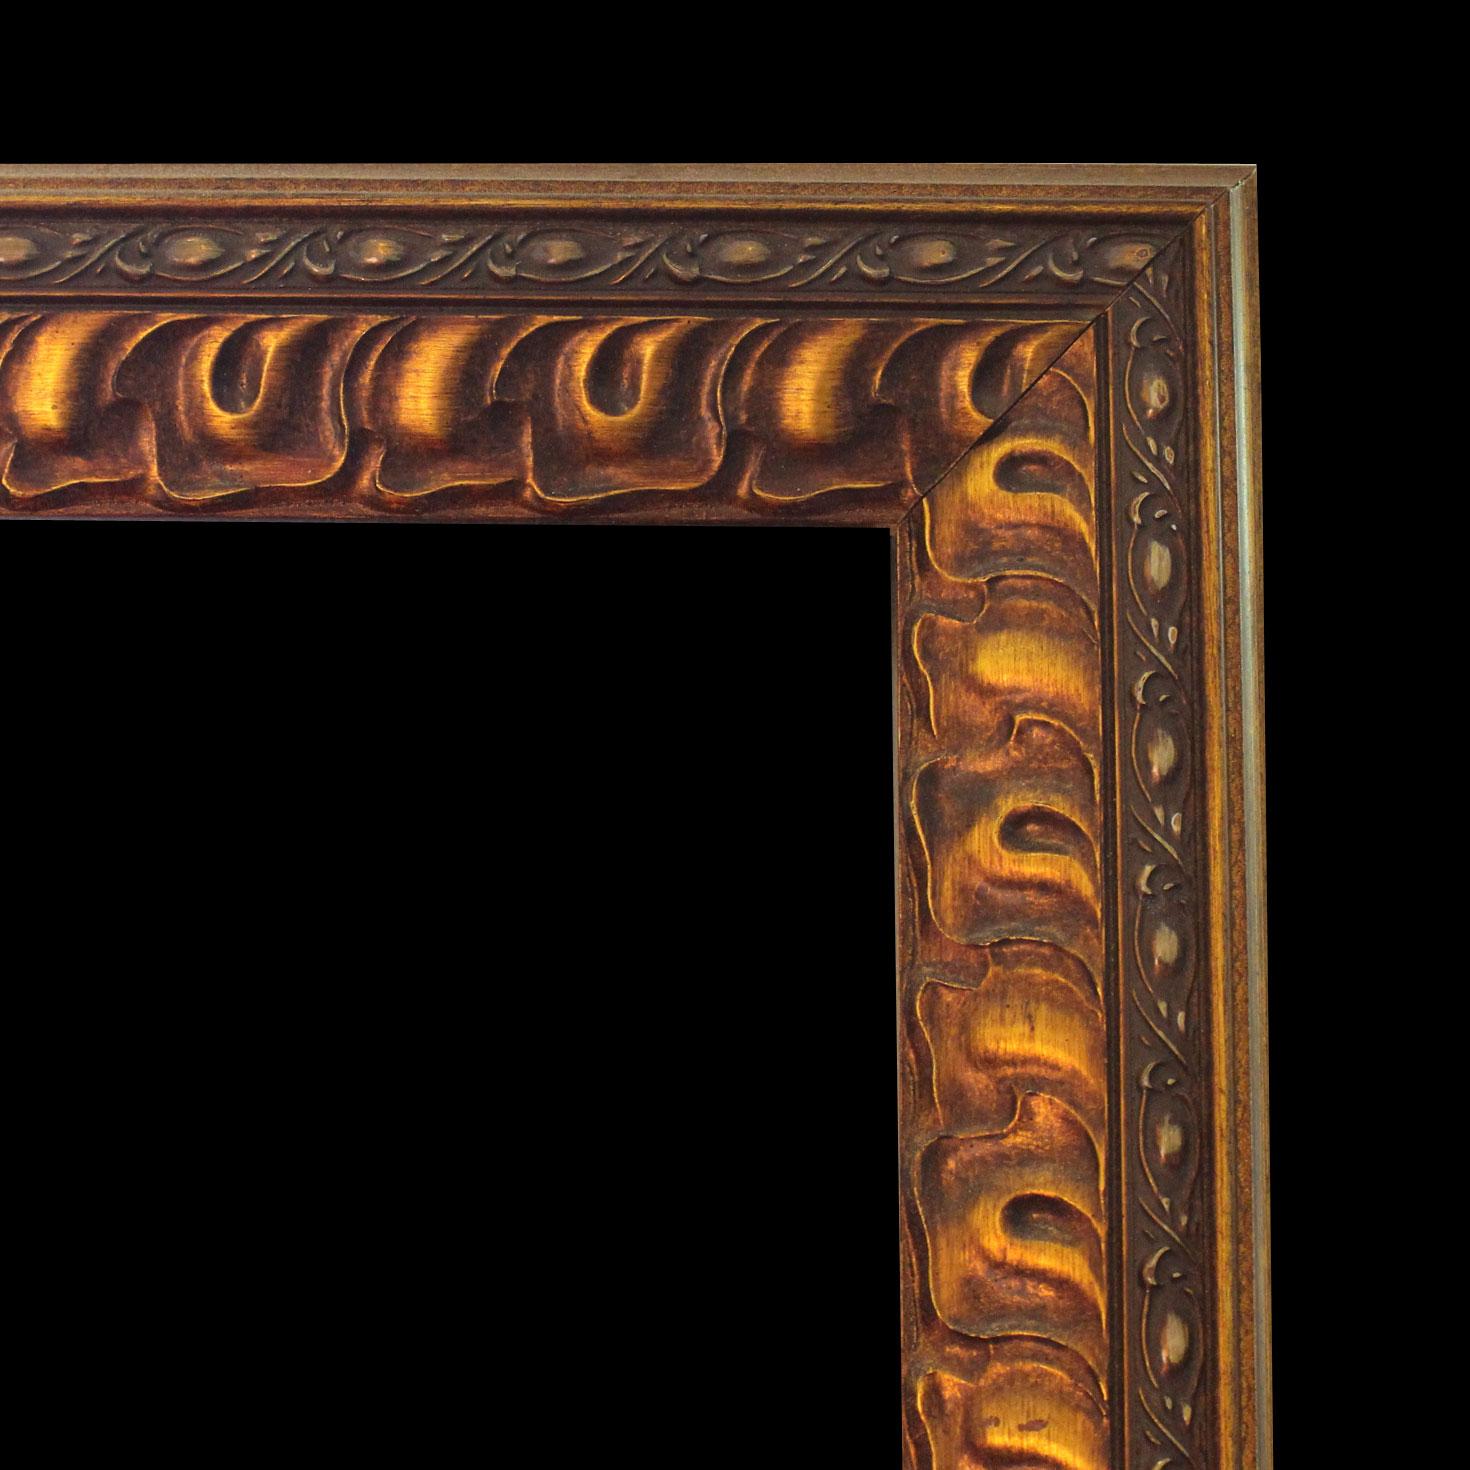 Magic mirror frame